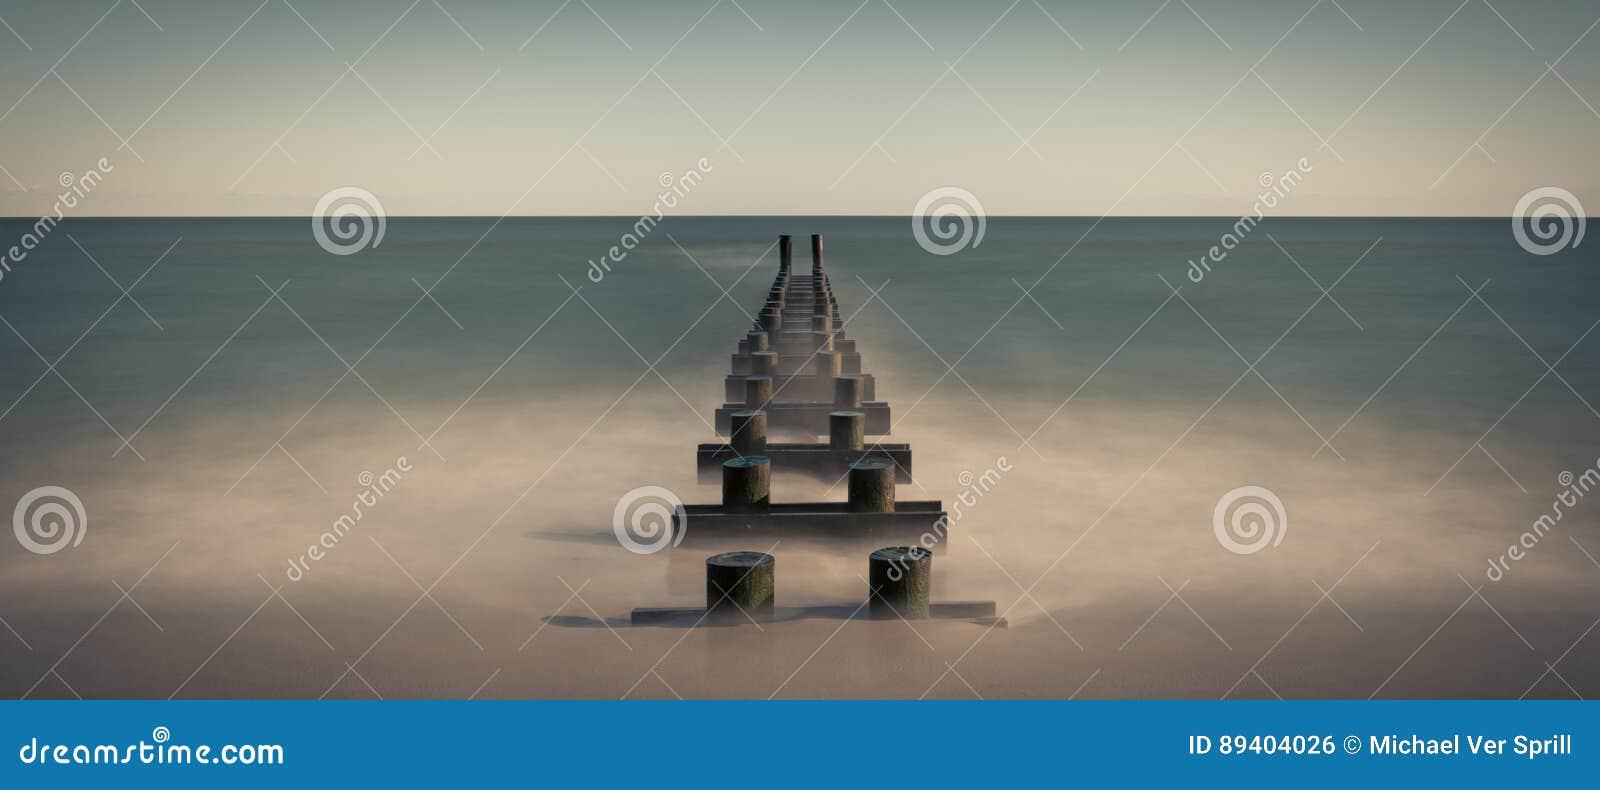 Panorama da tubulação do oceano